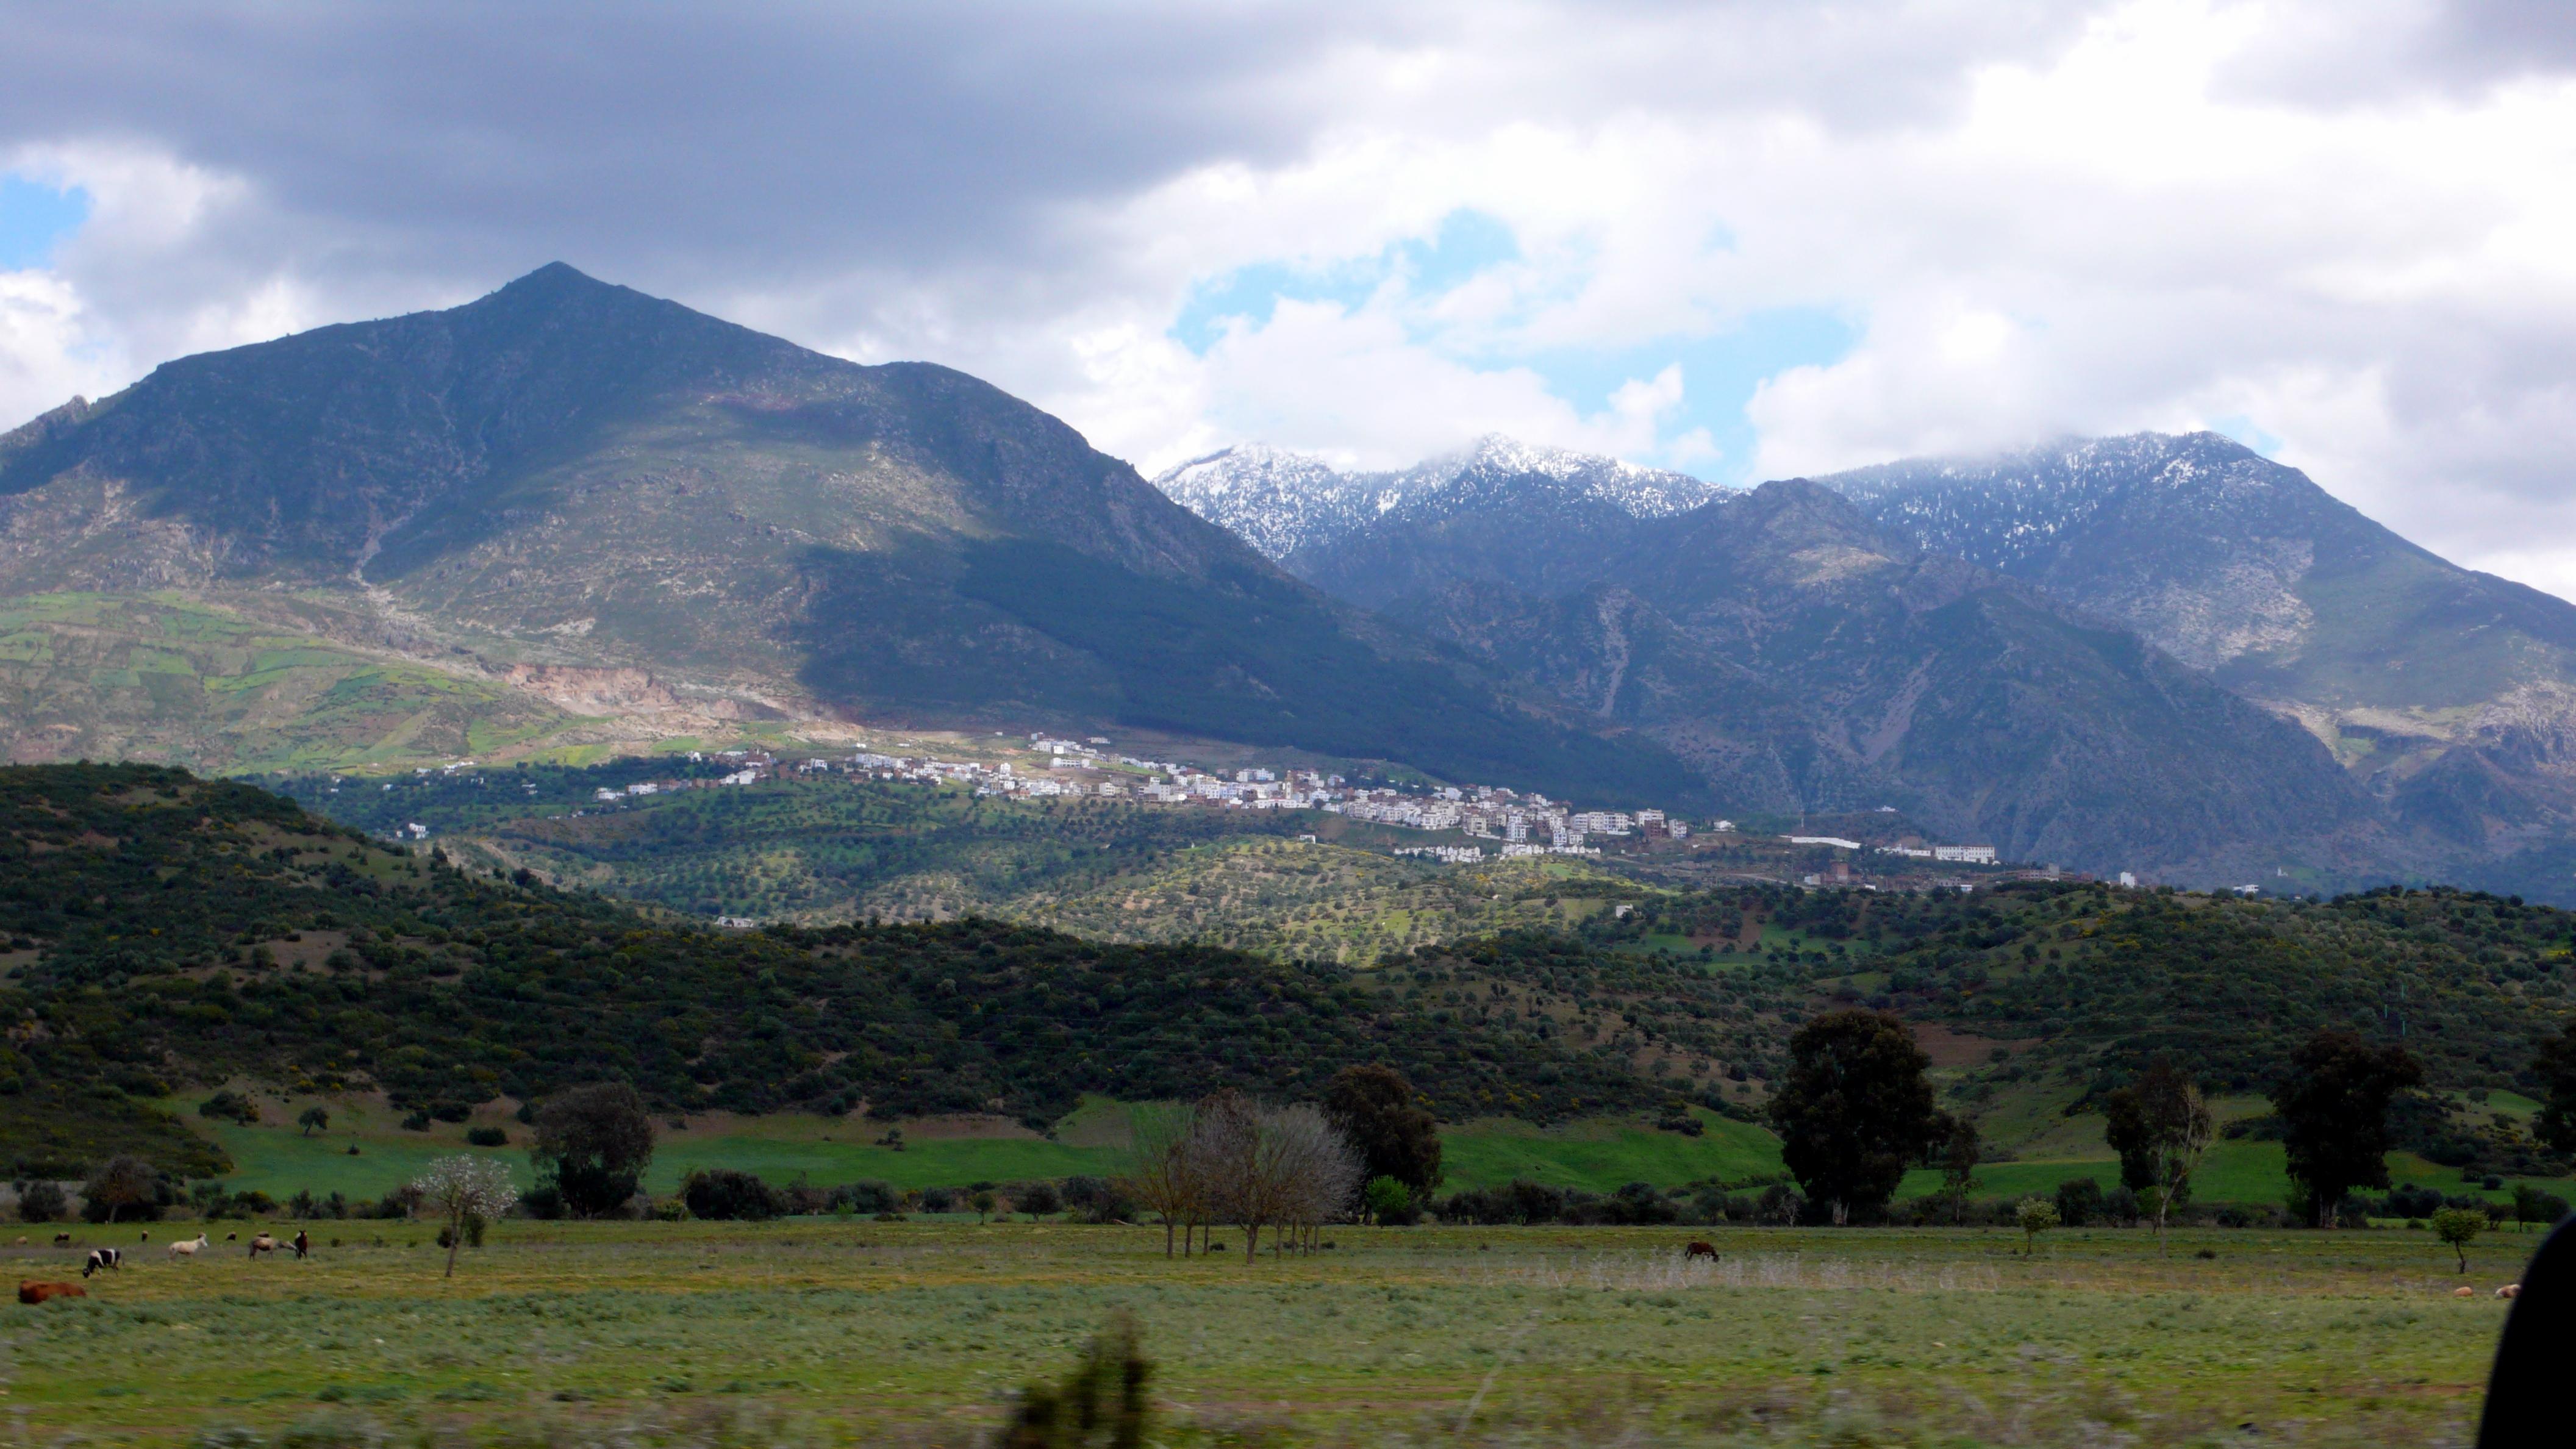 اكتشف المغرب في عشر دقائق  من أمواج الاندلس Chauen